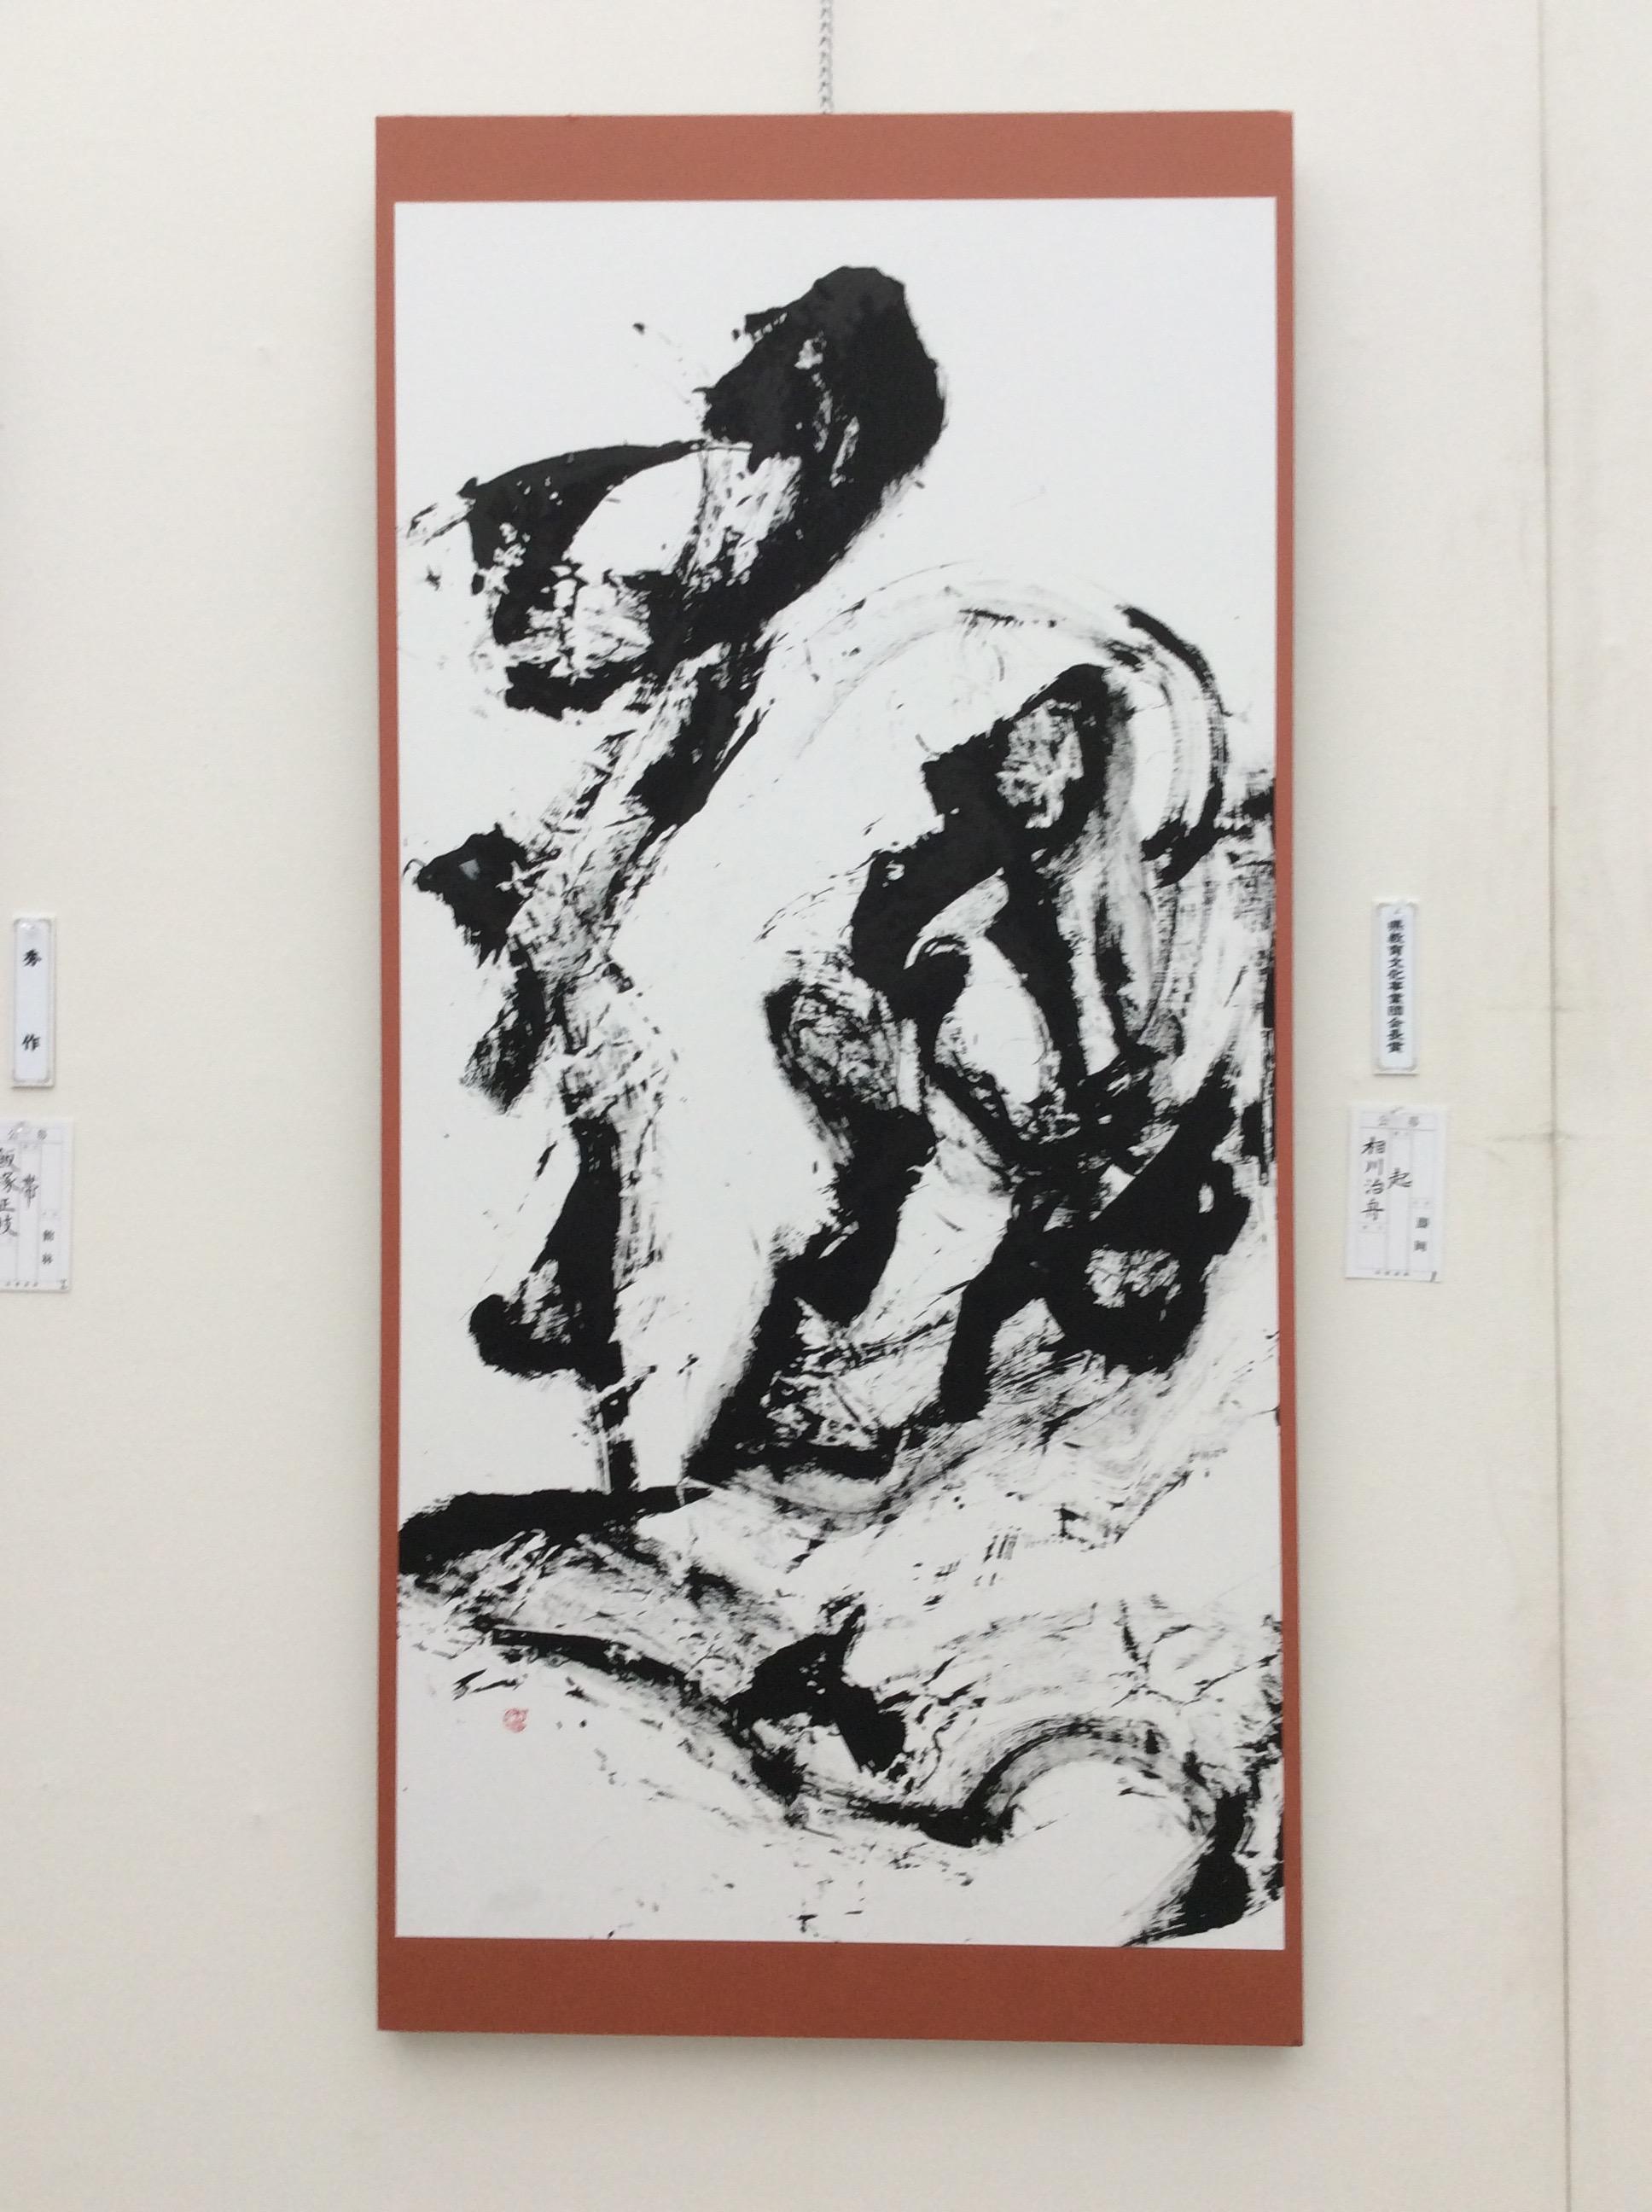 前衛書「起」 群馬県書道展 群馬県立近代美術館